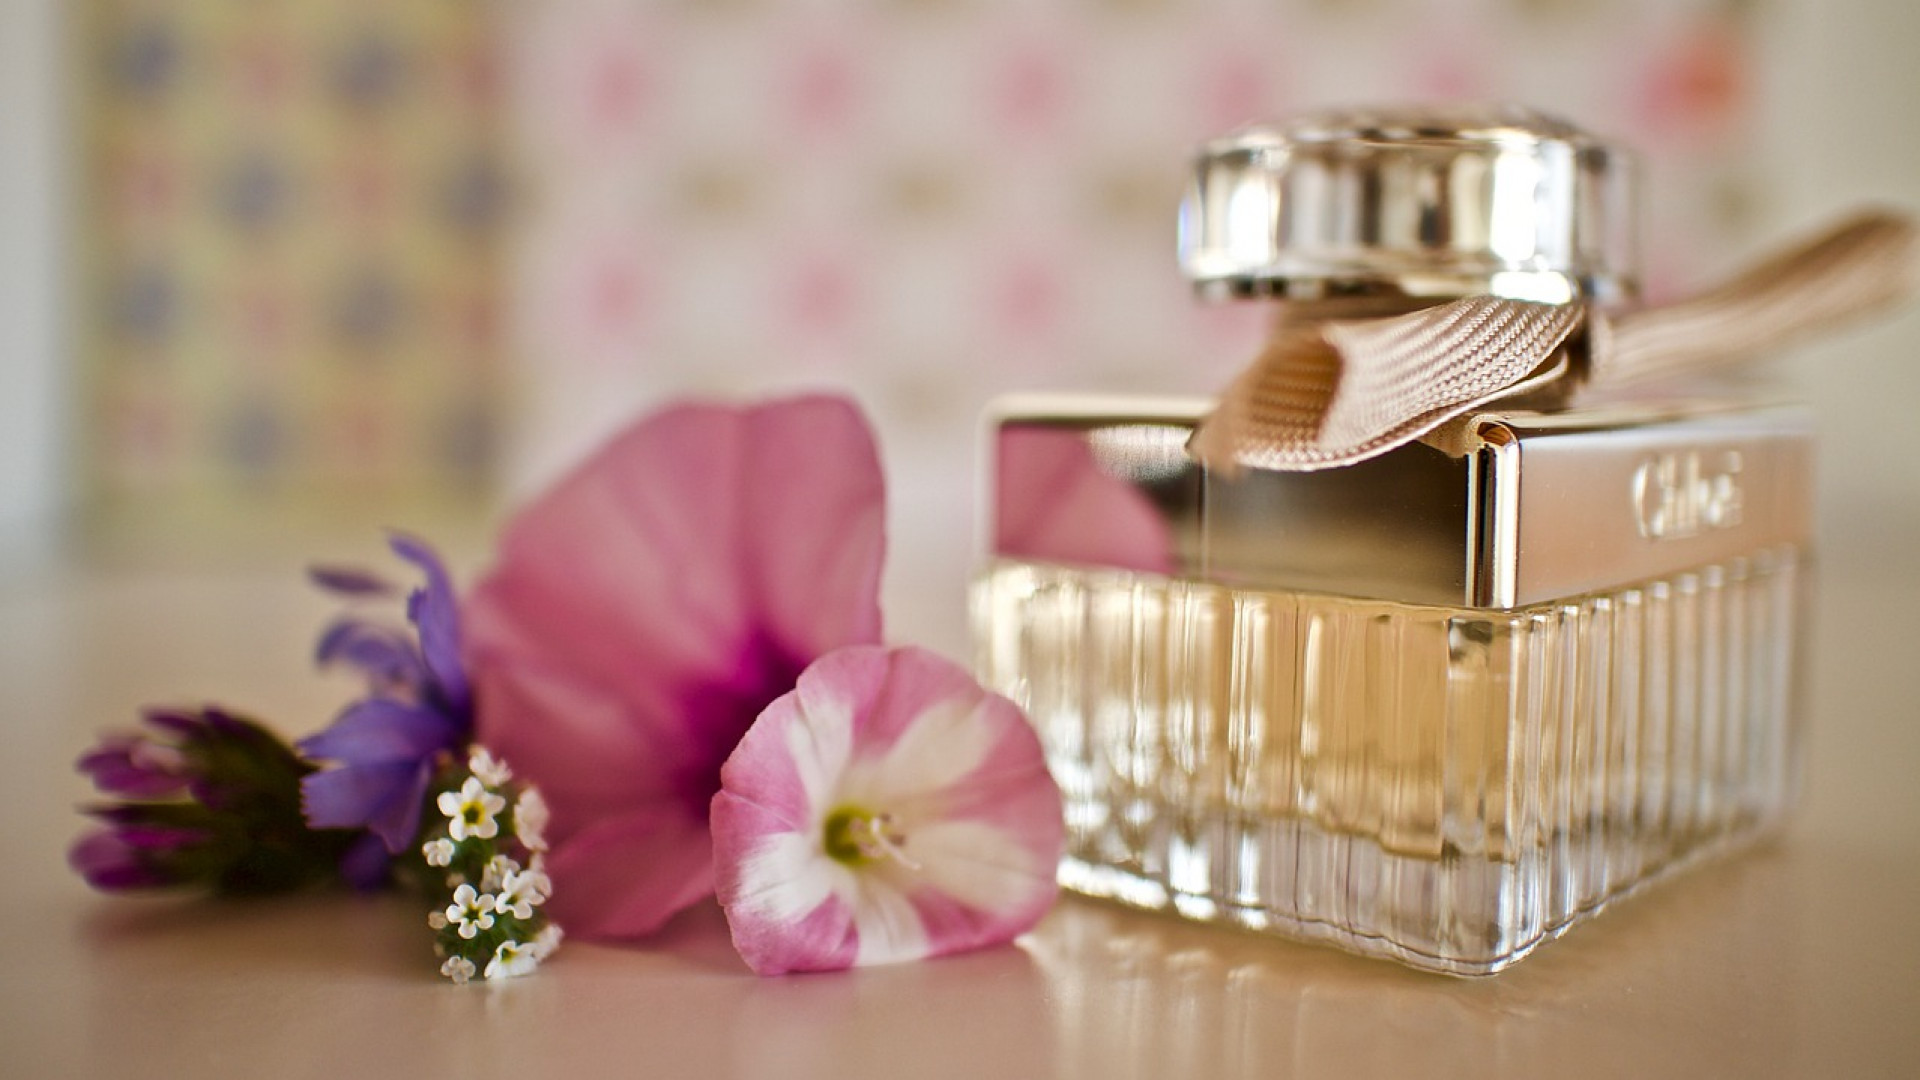 Comment choisir son parfum